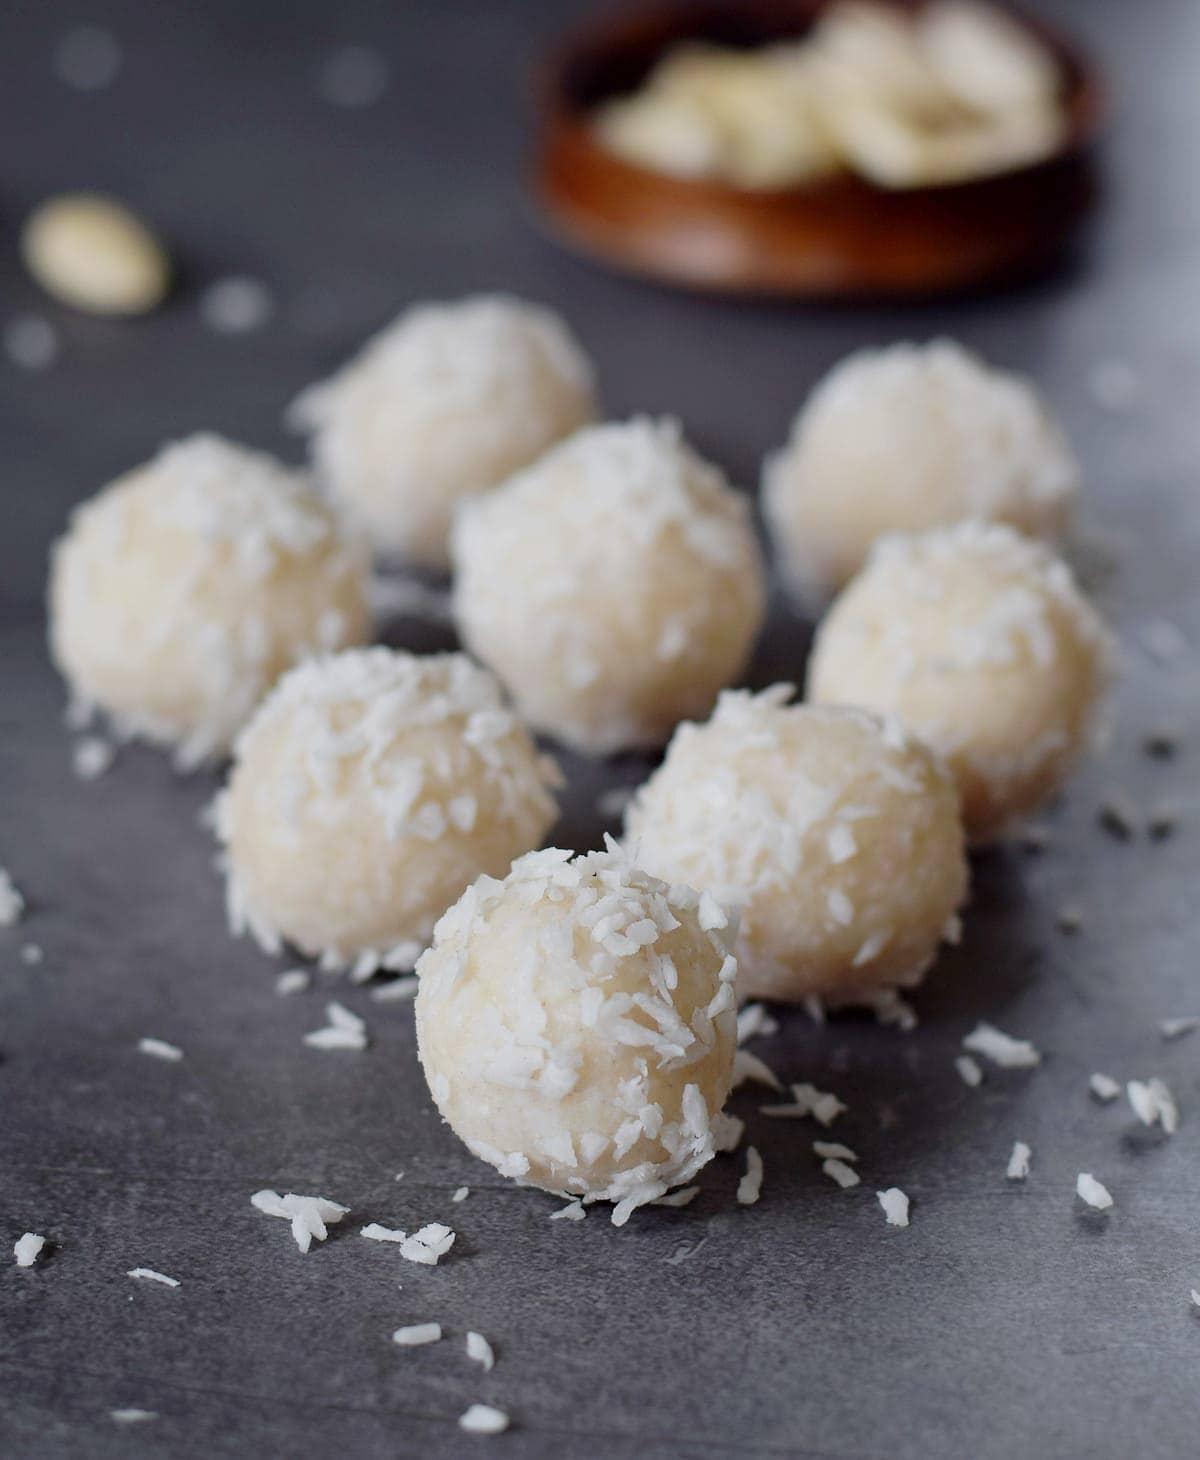 8 Kokosbällchen auf grauem Hintergrund